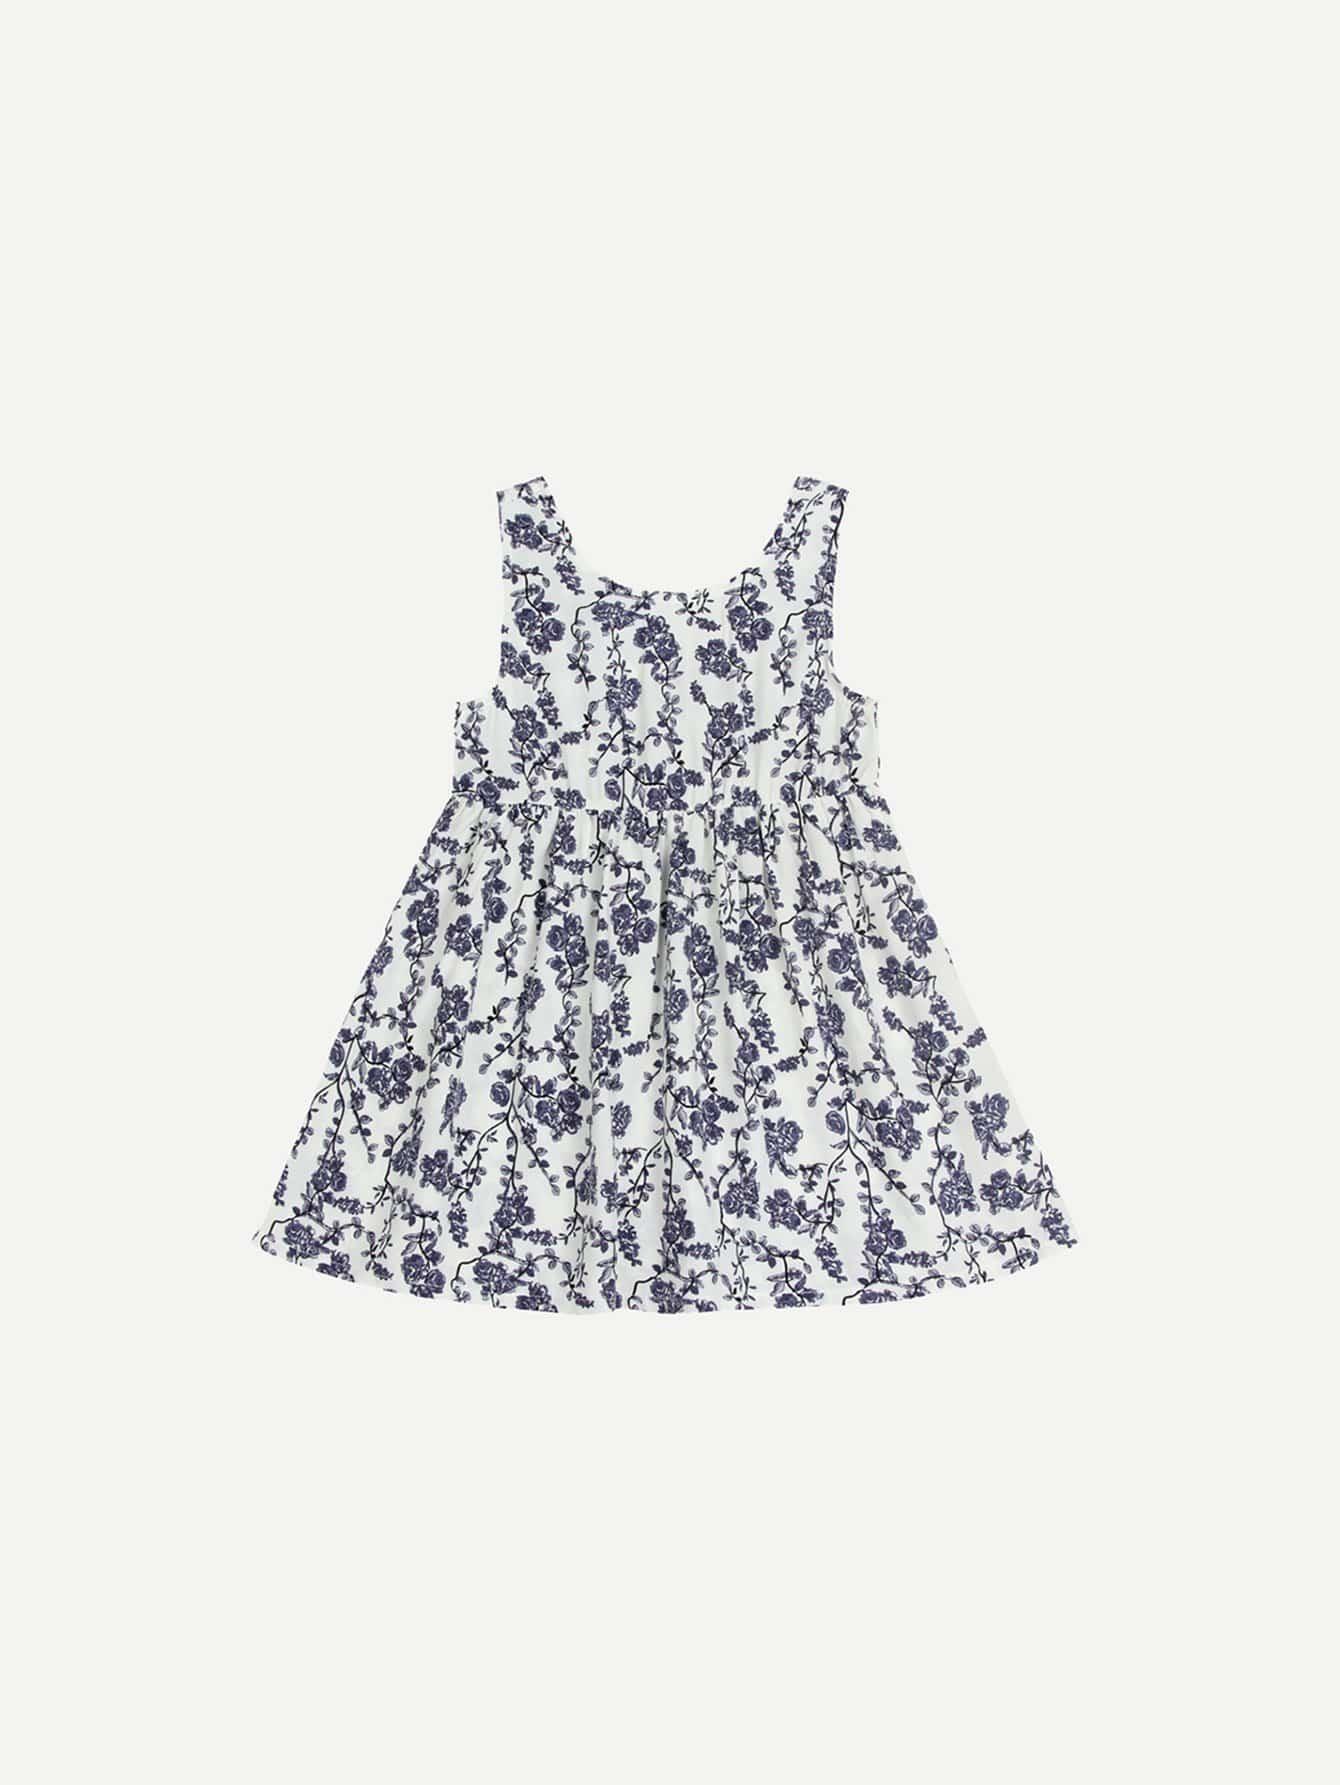 Купить Платье для детей Calico Print, null, SheIn